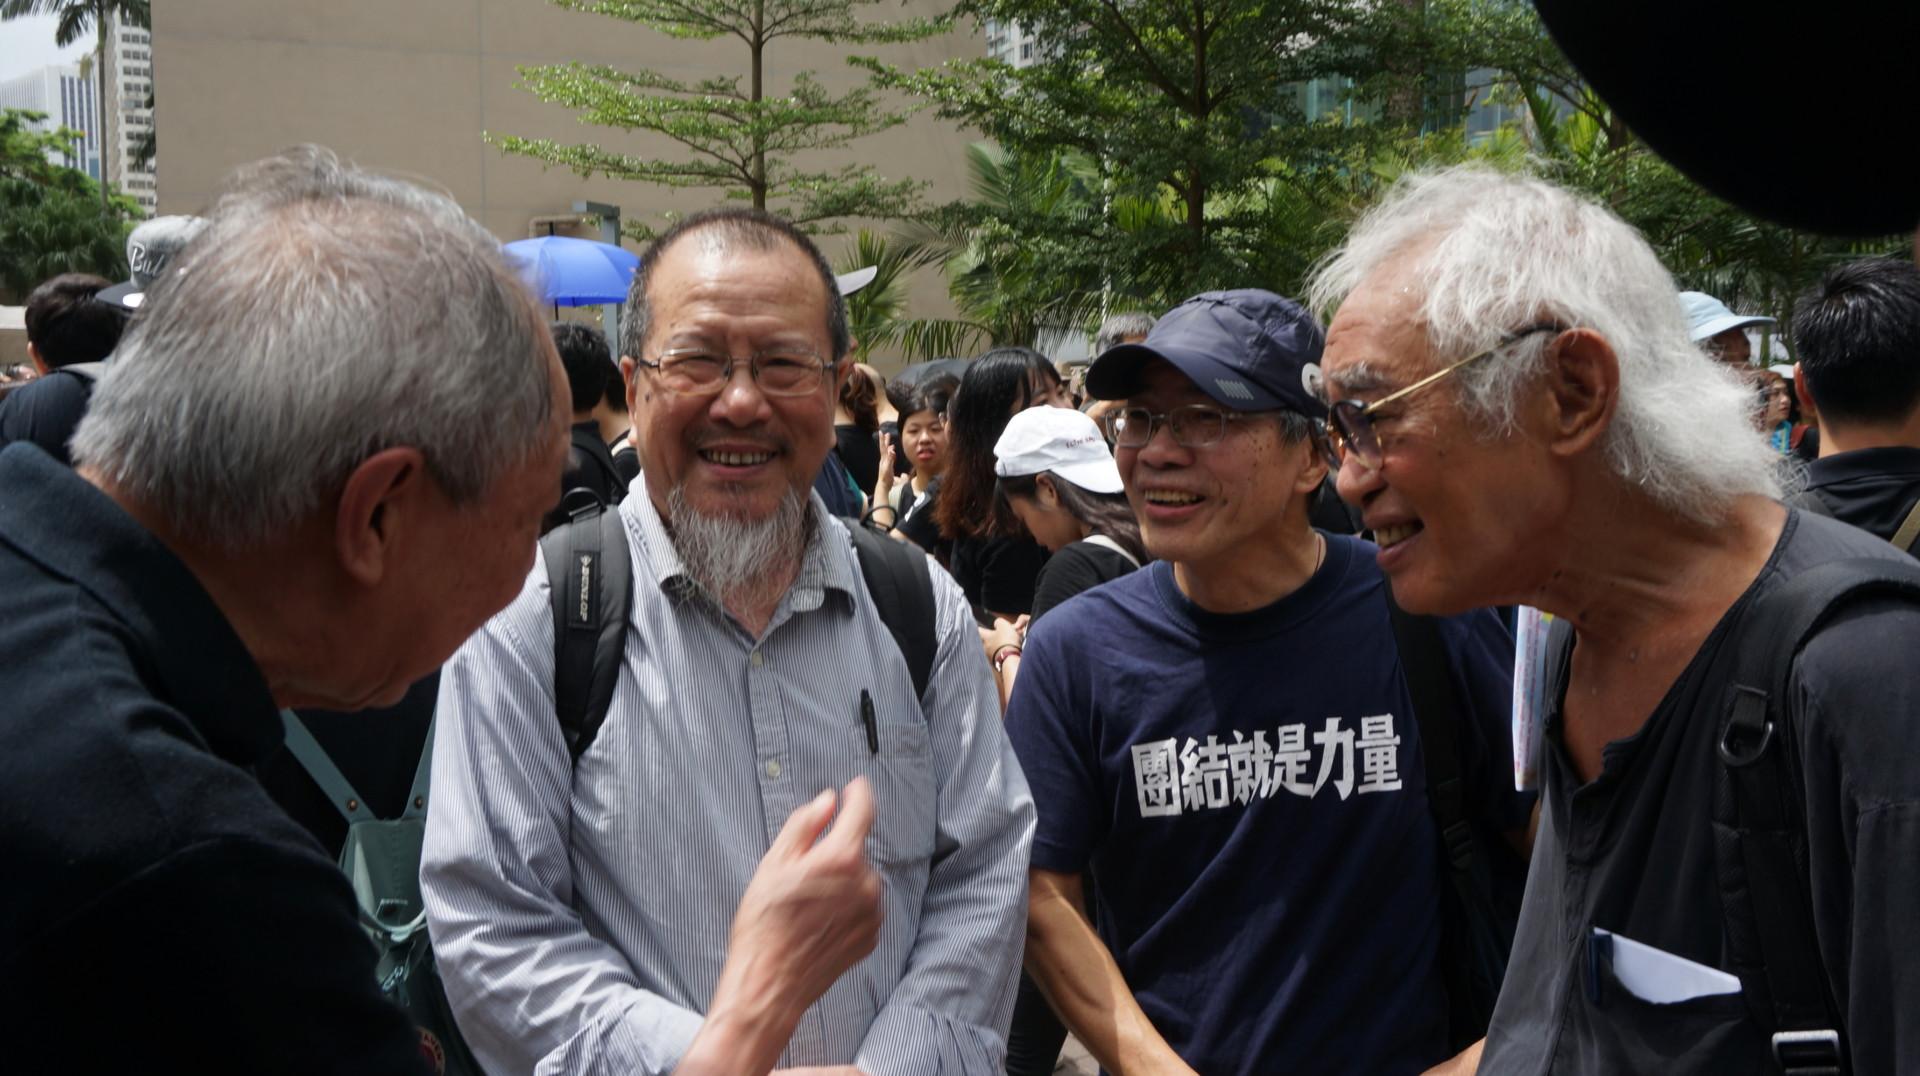 鄭明仁、劉銳紹參與遊行。